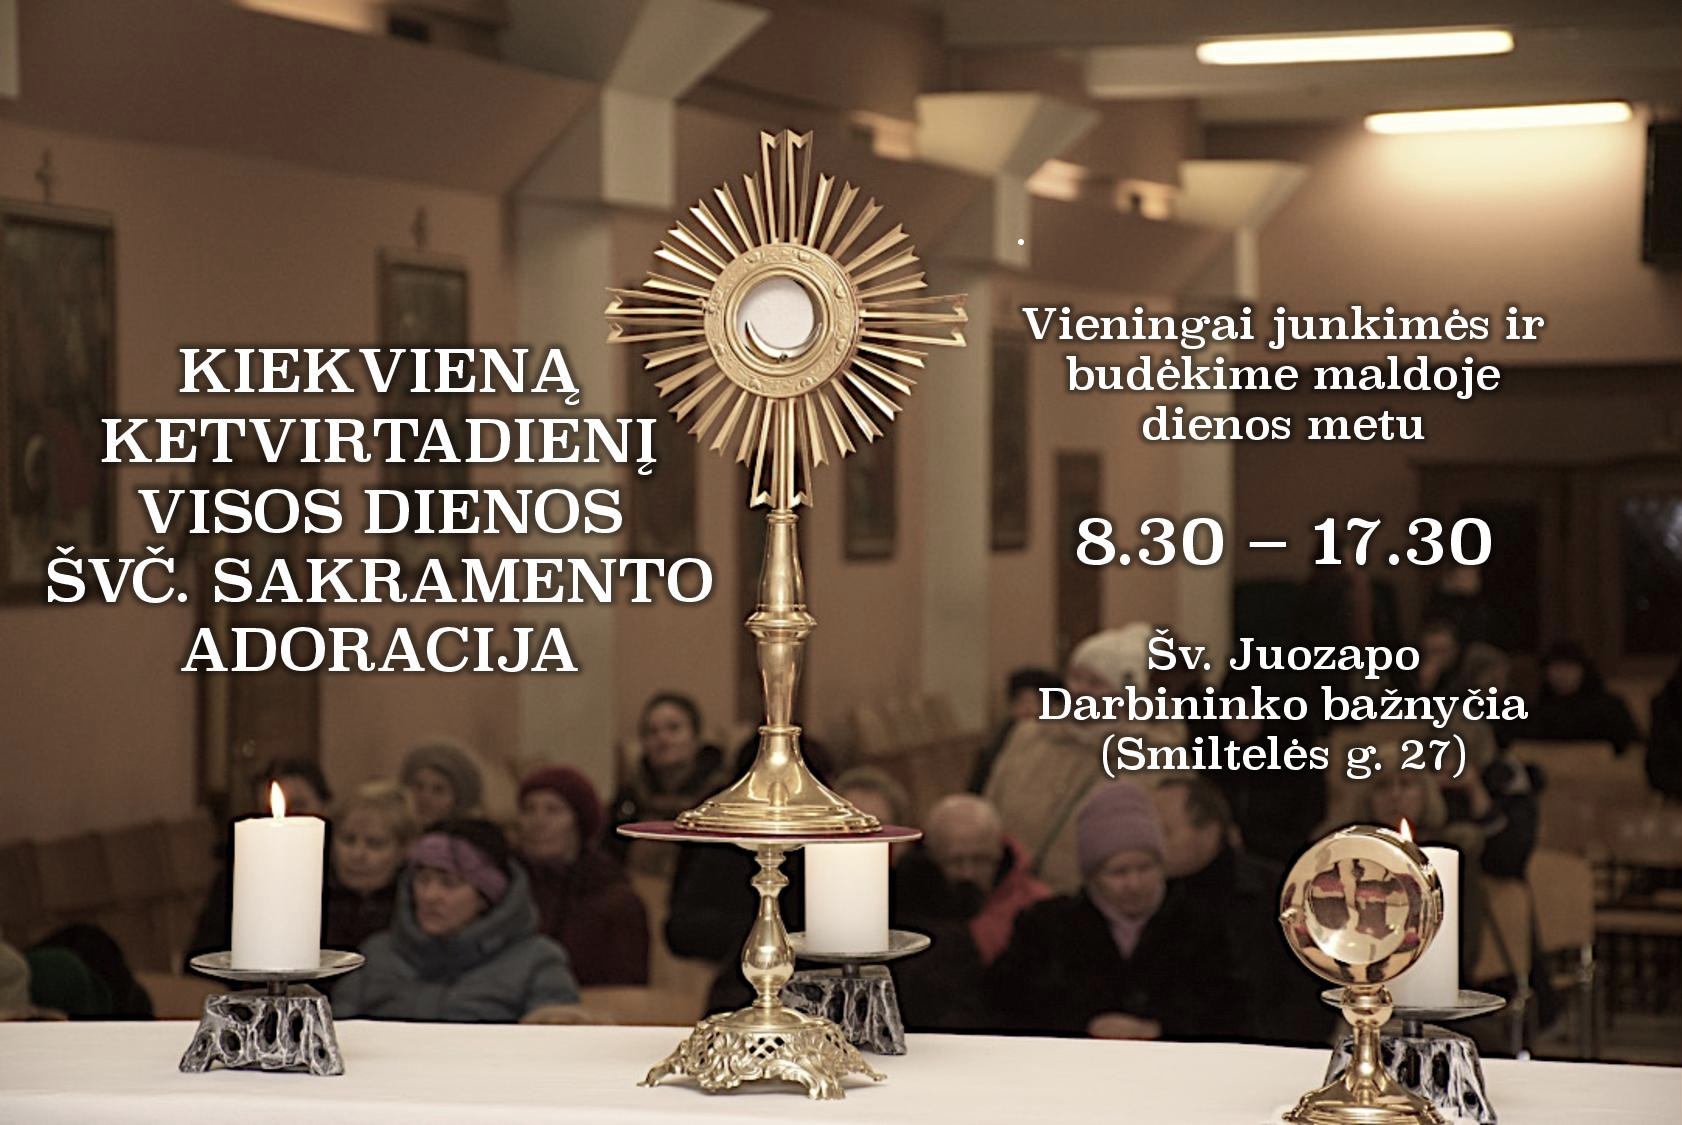 Kiekvieną ketvirtadienį nuo 8.30 iki 17.45 val. mūsų bažnyčioje vyksta visos dienos Švč. Sakramento adoracija.